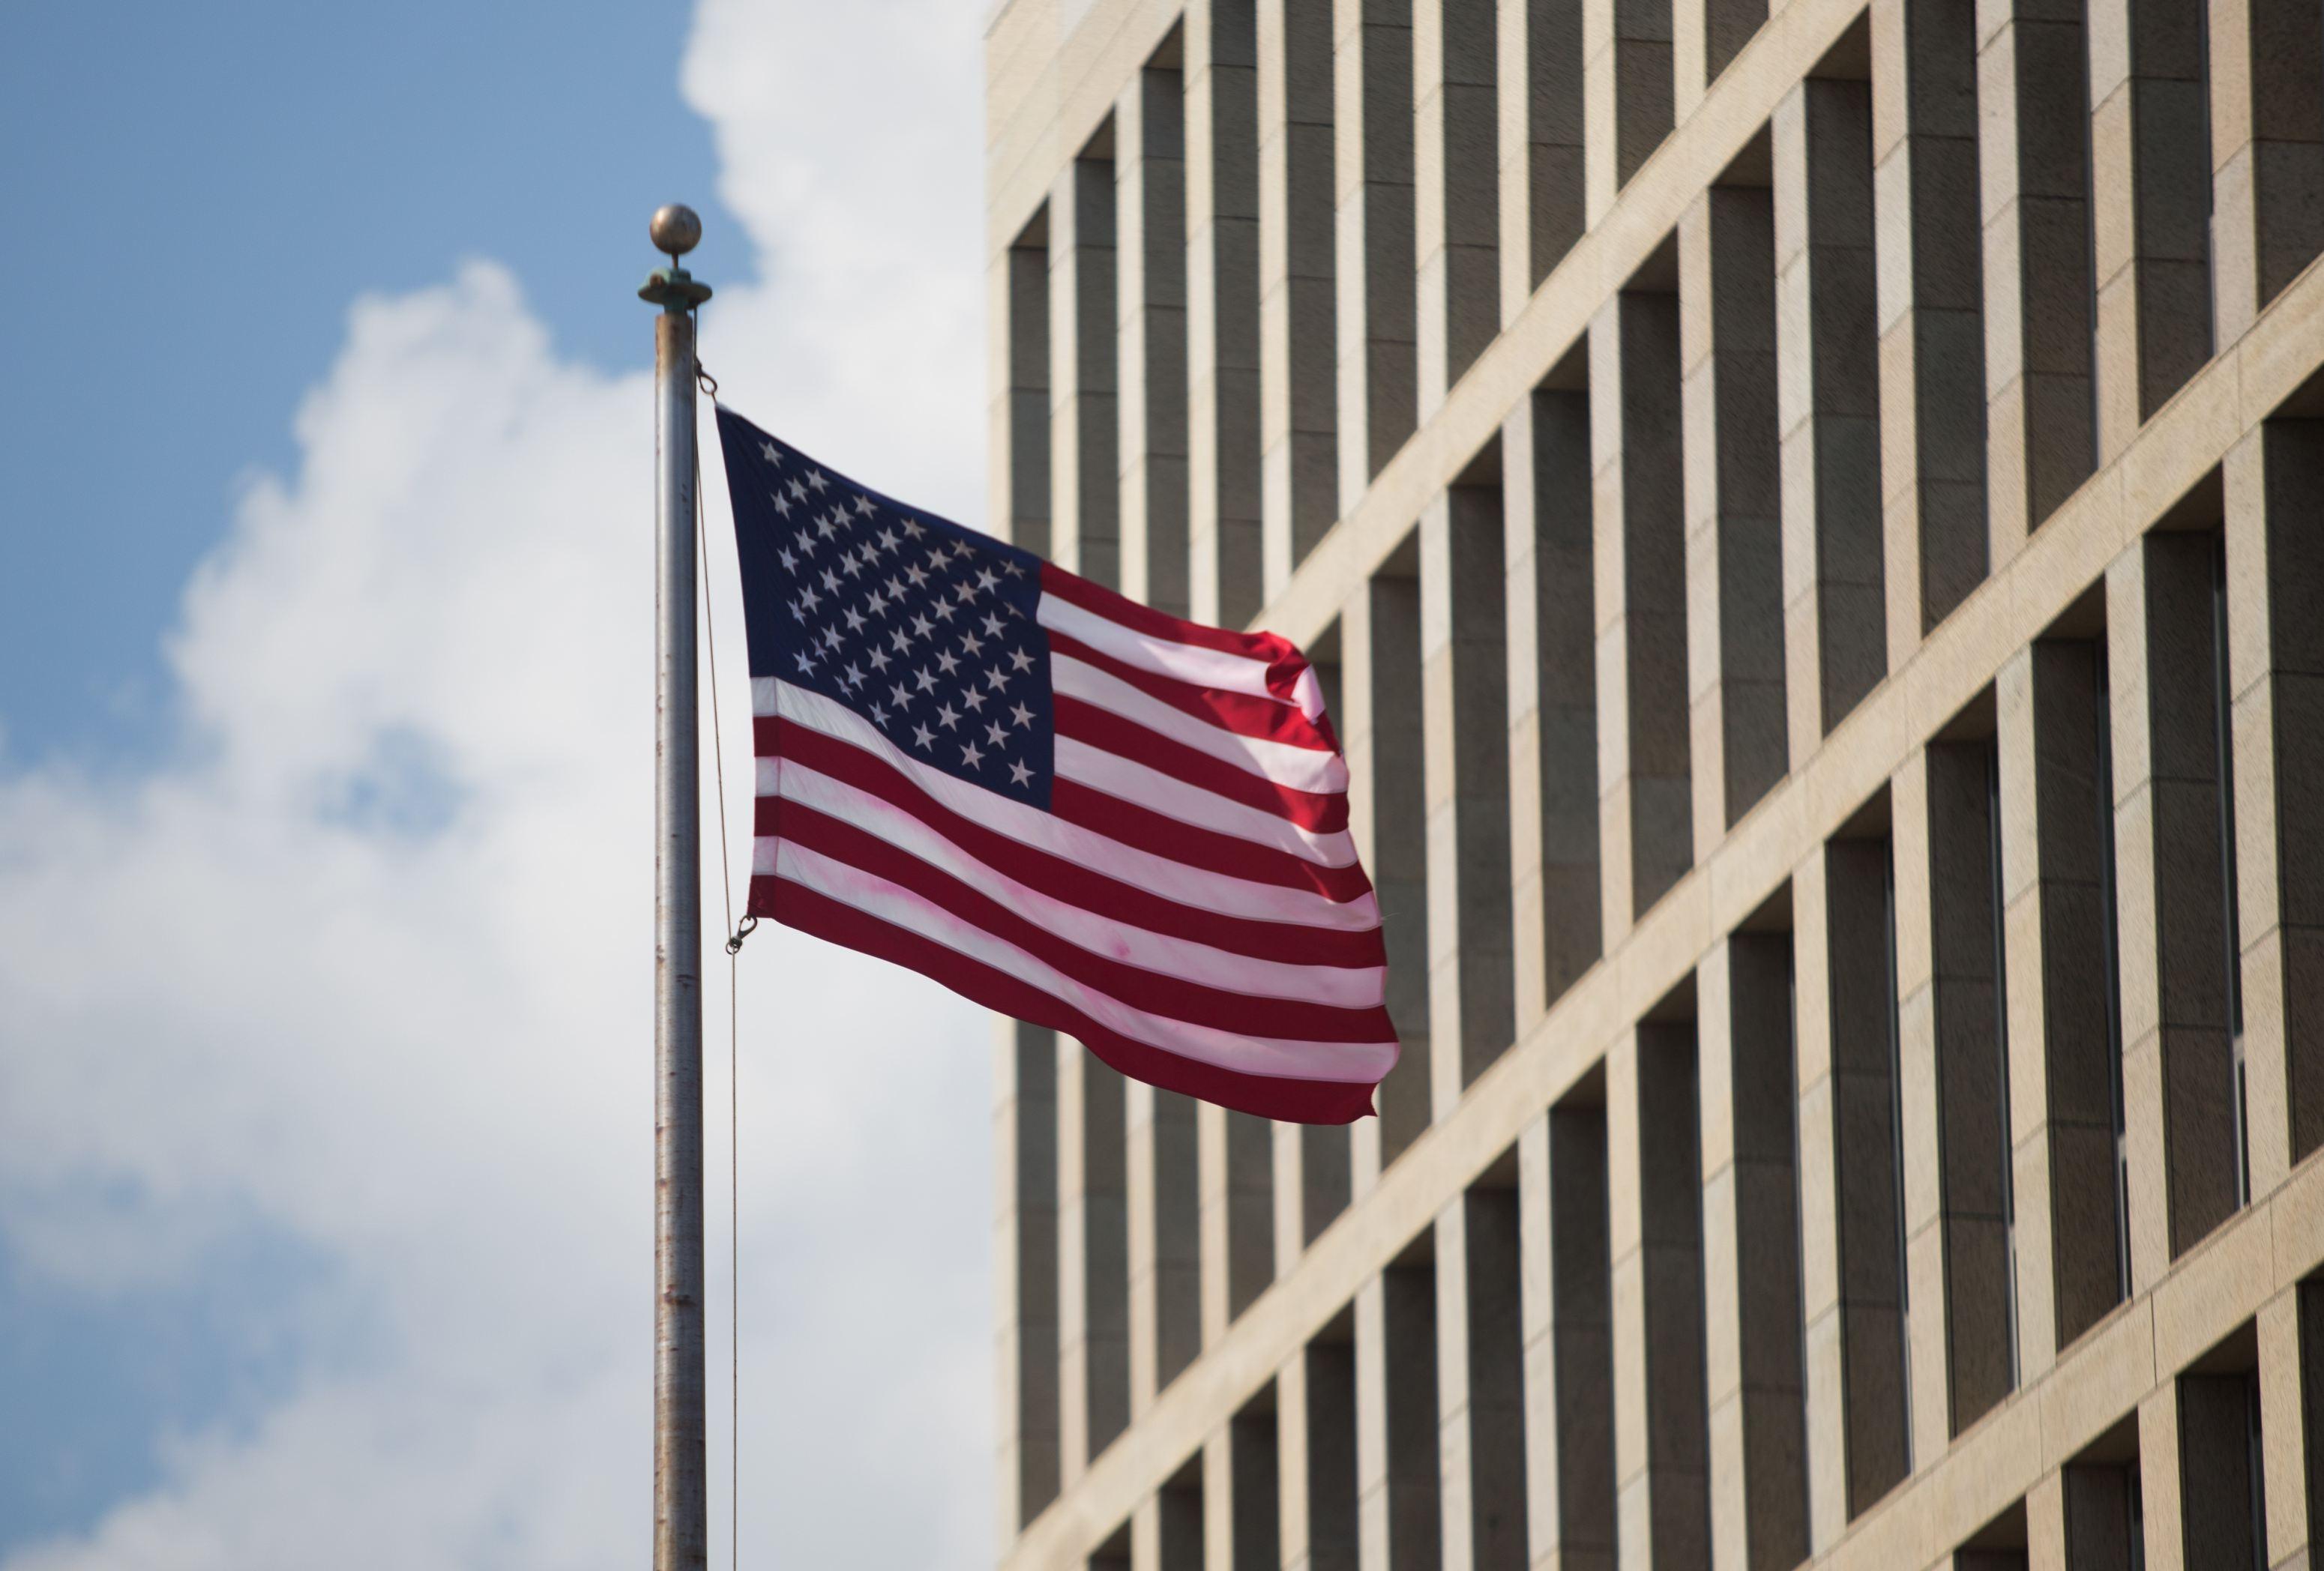 Statele Unite impun sancţiuni împotriva a 13 companii din Coreea de Nord şi China